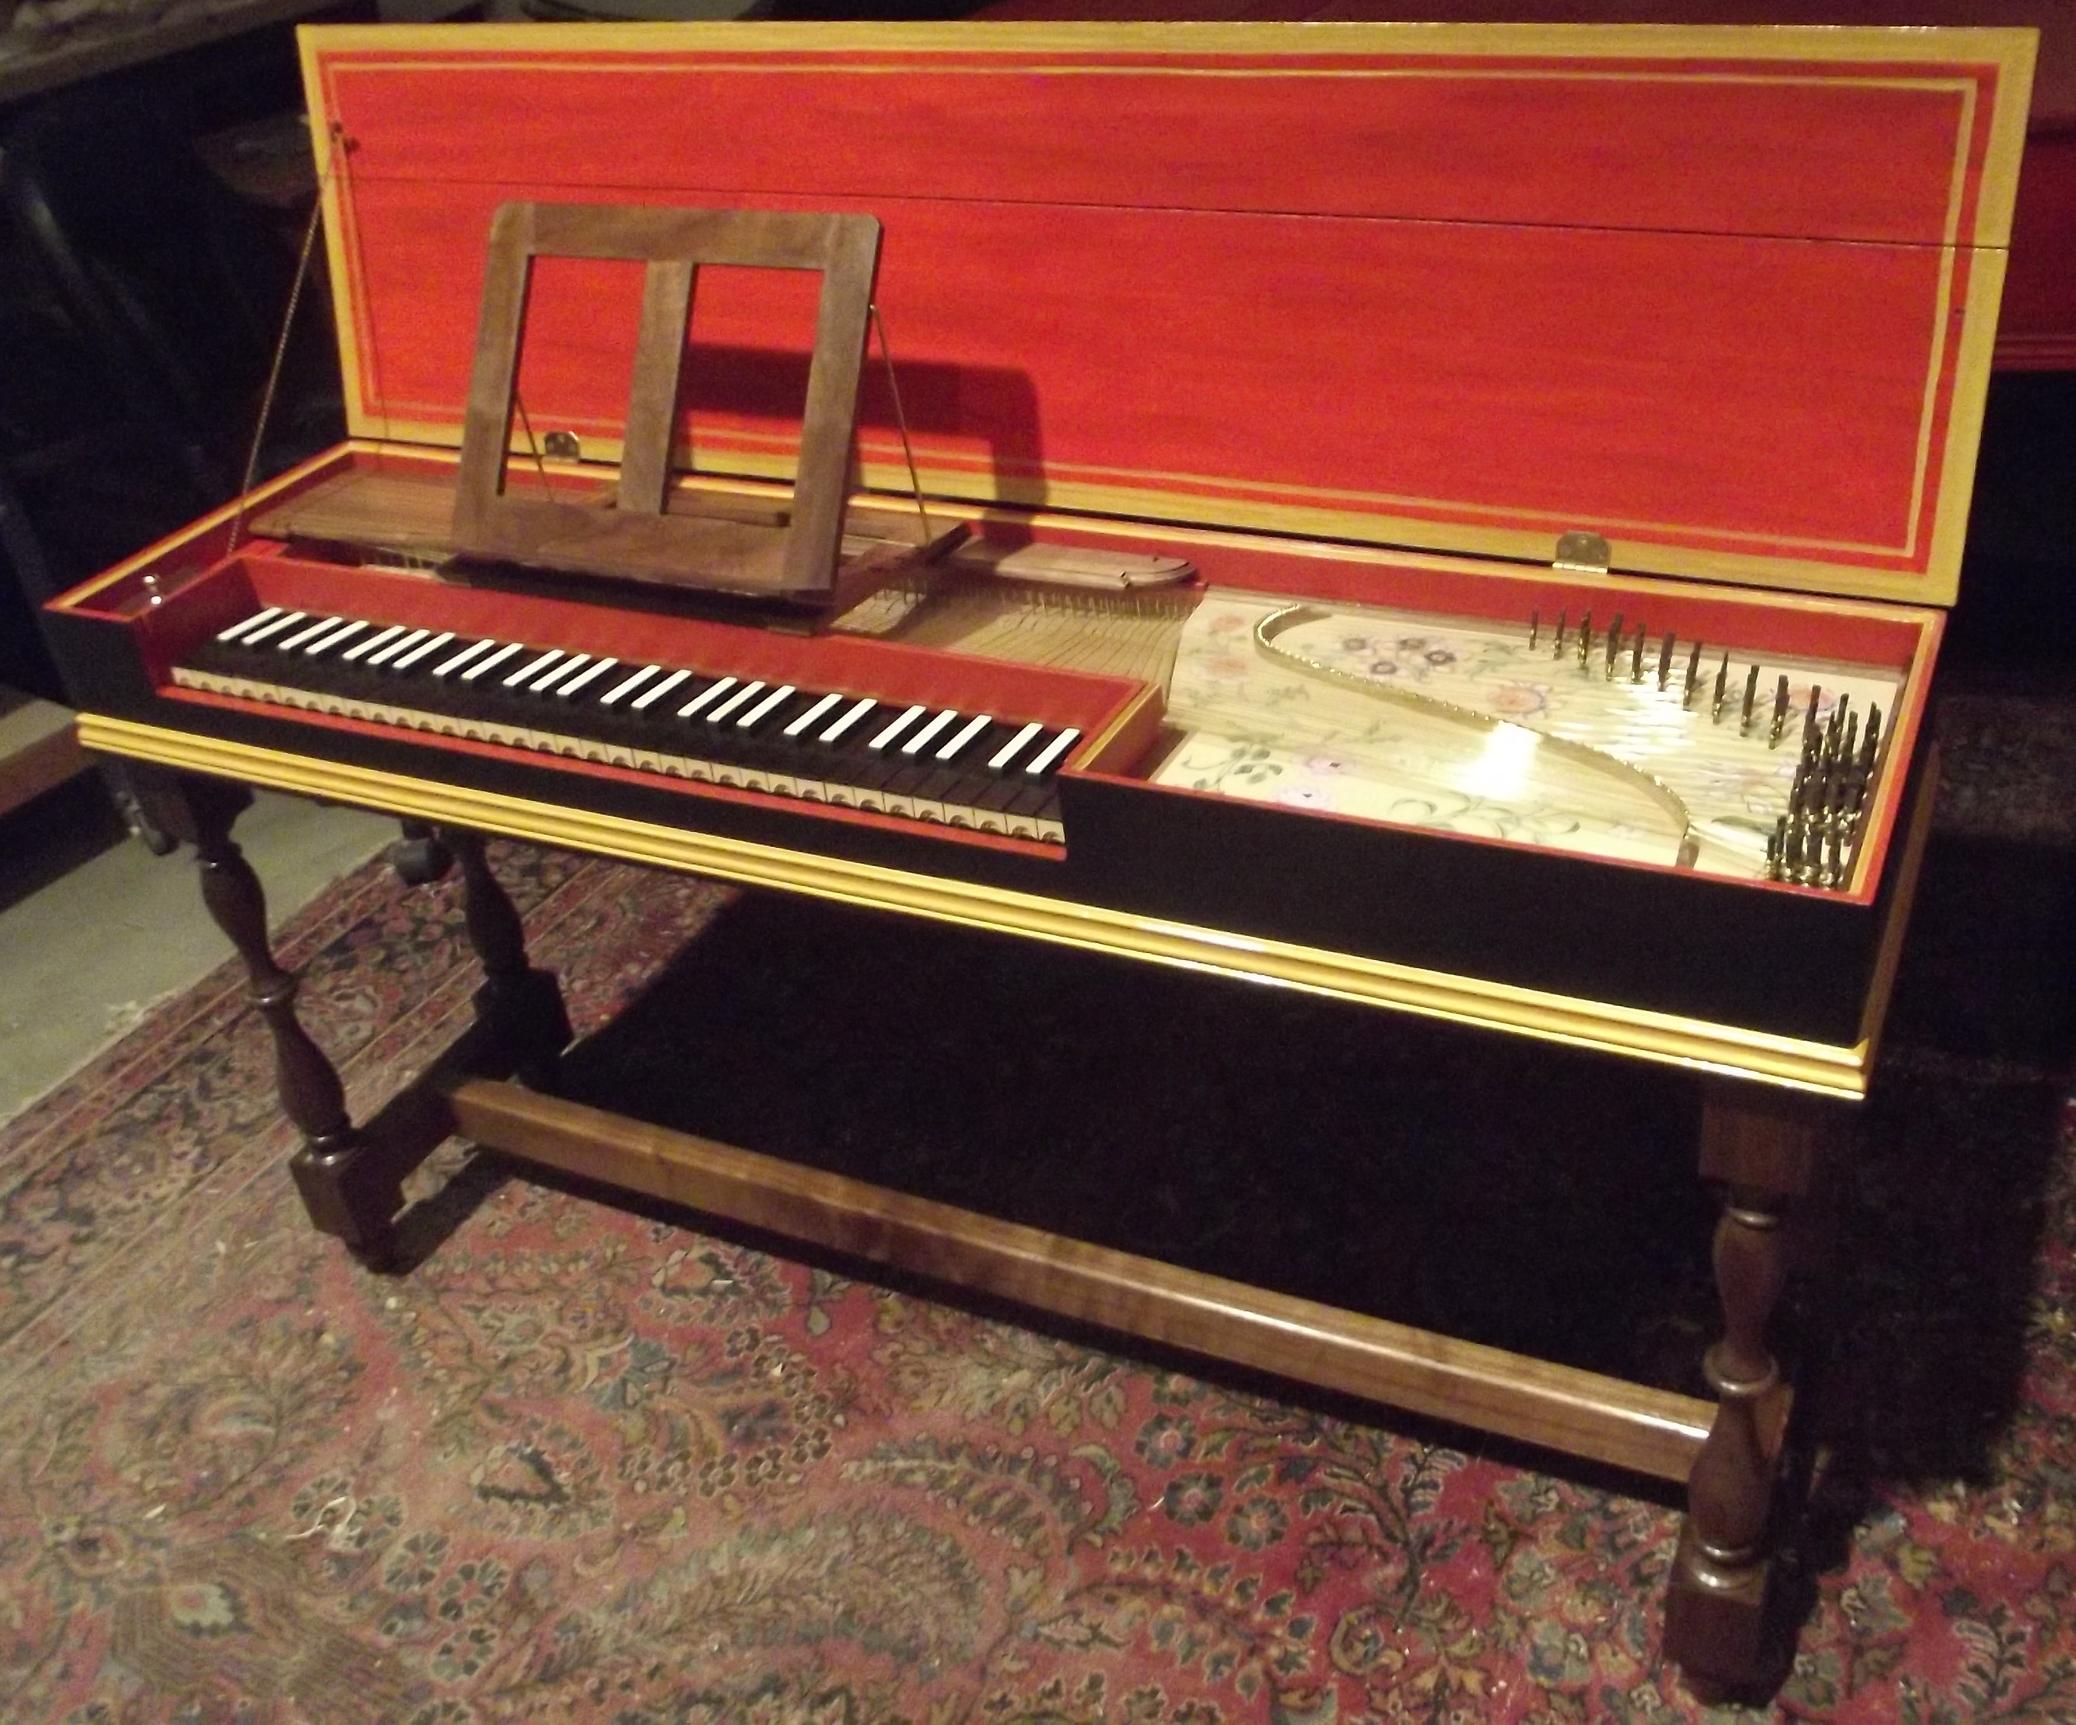 Opus 473 Clavichord after C. Hubert